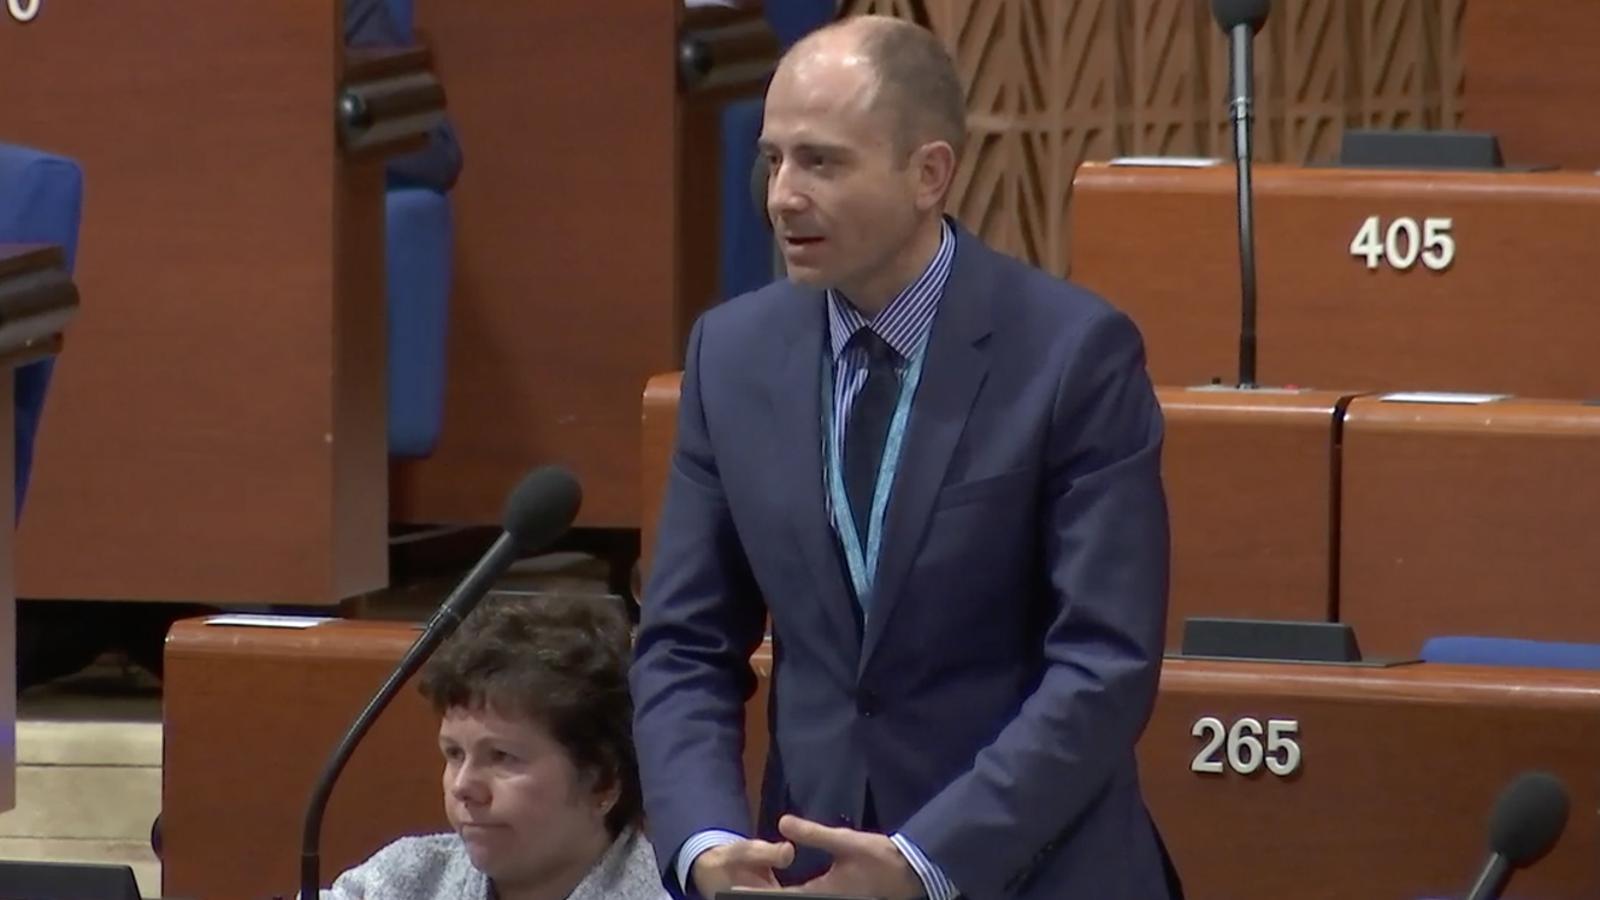 El president de la delegació andorrana a l'Assemblea Parlamentària del Consell d'Europa, Carles Jordana, durant la seva intervenció el passat 25 de gener. / APCE